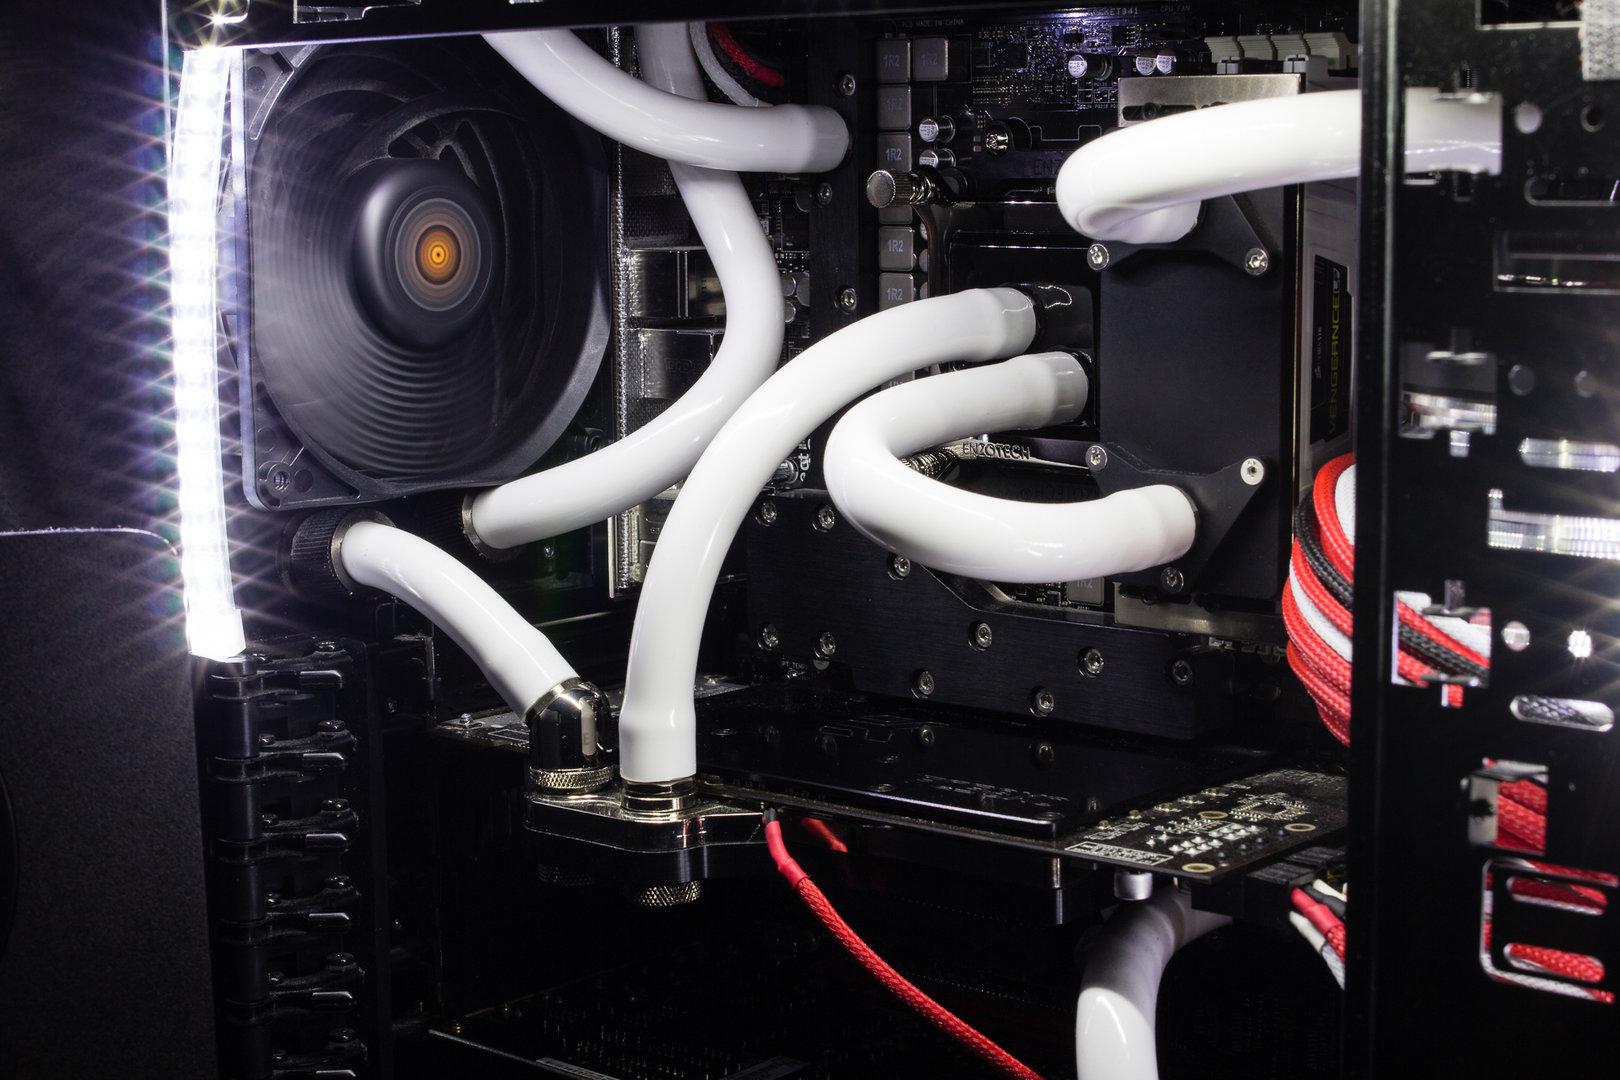 Alles unter Wasser: CPU, Mainboard, RAM und GPU